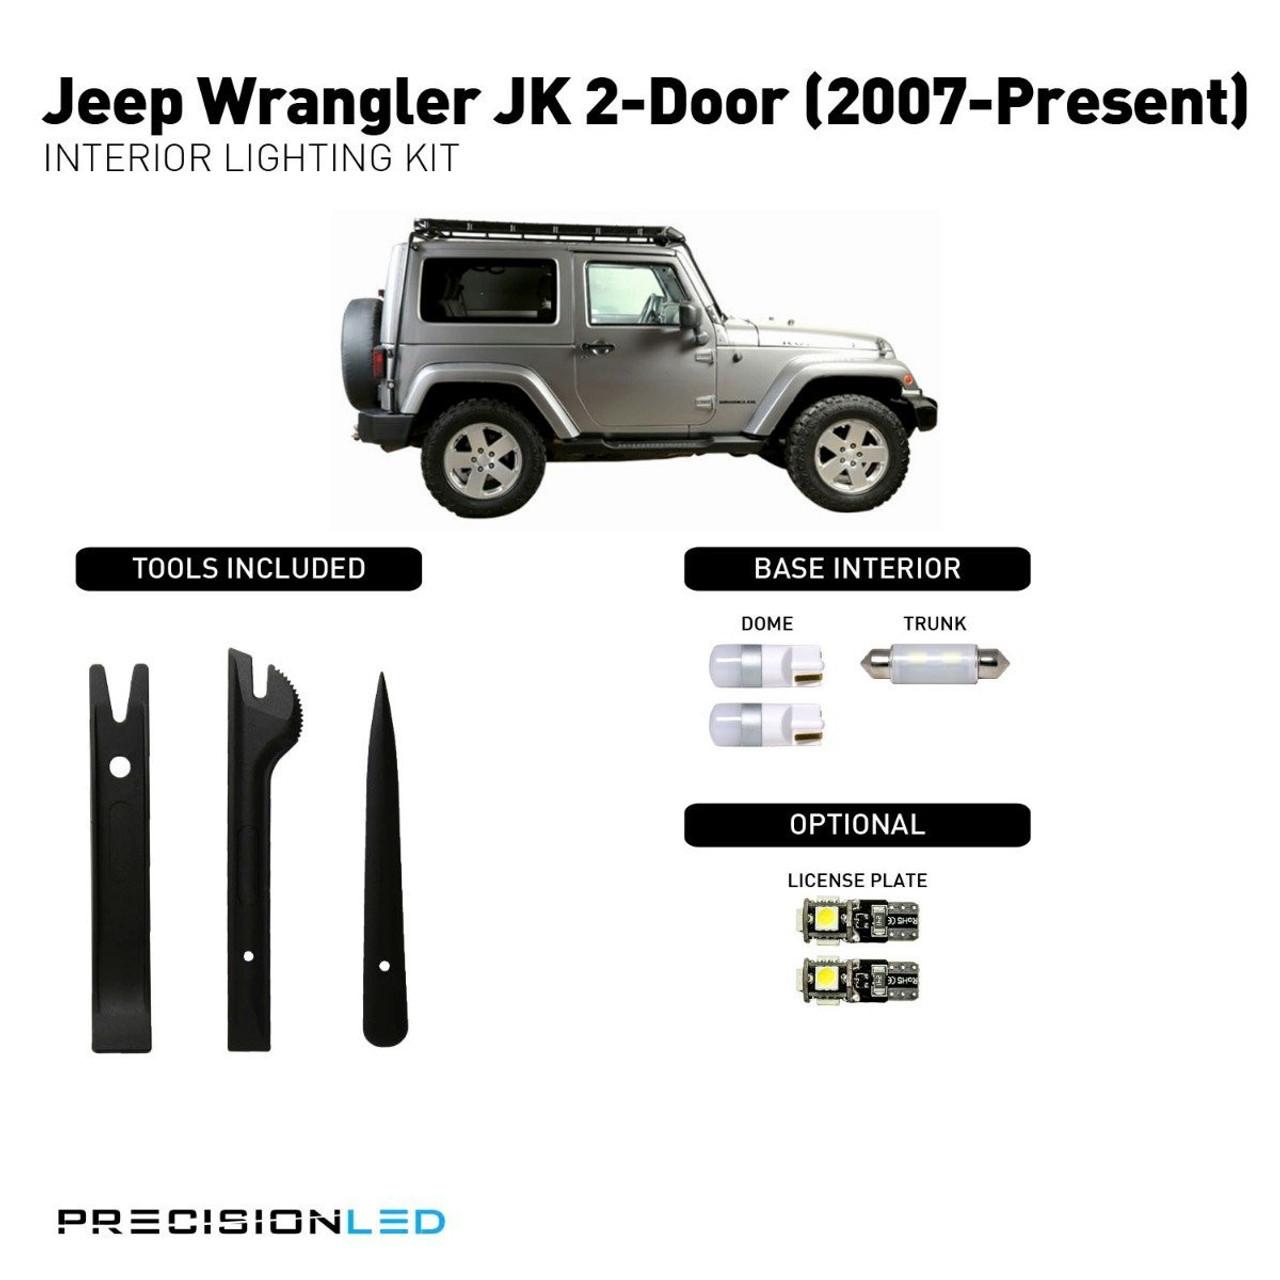 Jeep Wrangler JK 2-Door Premium LED Interior Package (2007-Present)